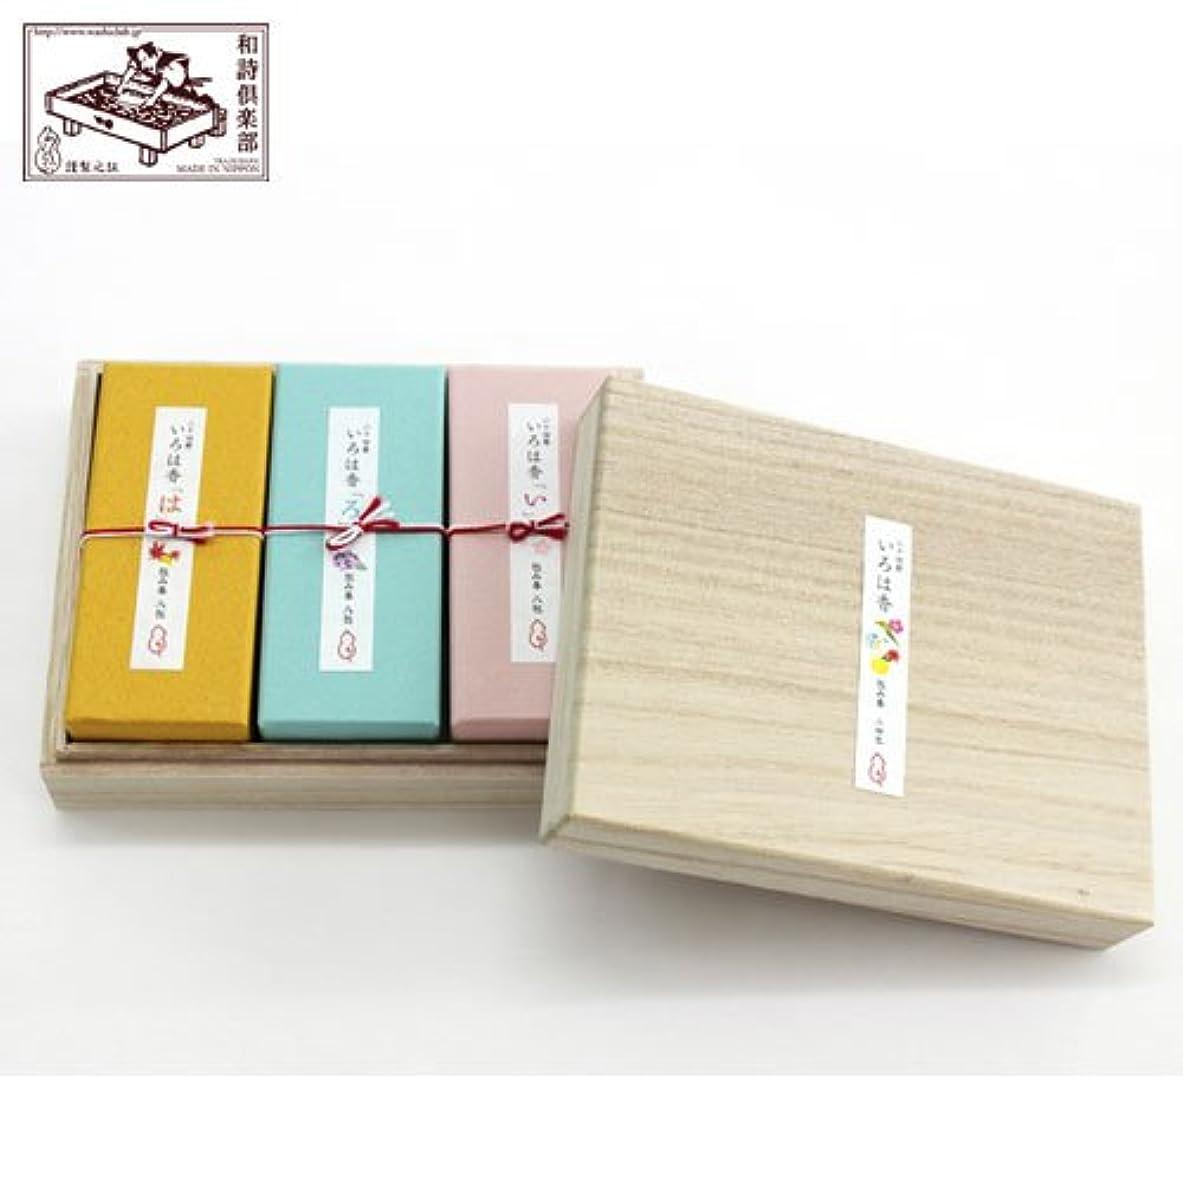 噛む作曲する支出文香包み香セットいろは香二十四節気 (TT-001)和詩倶楽部